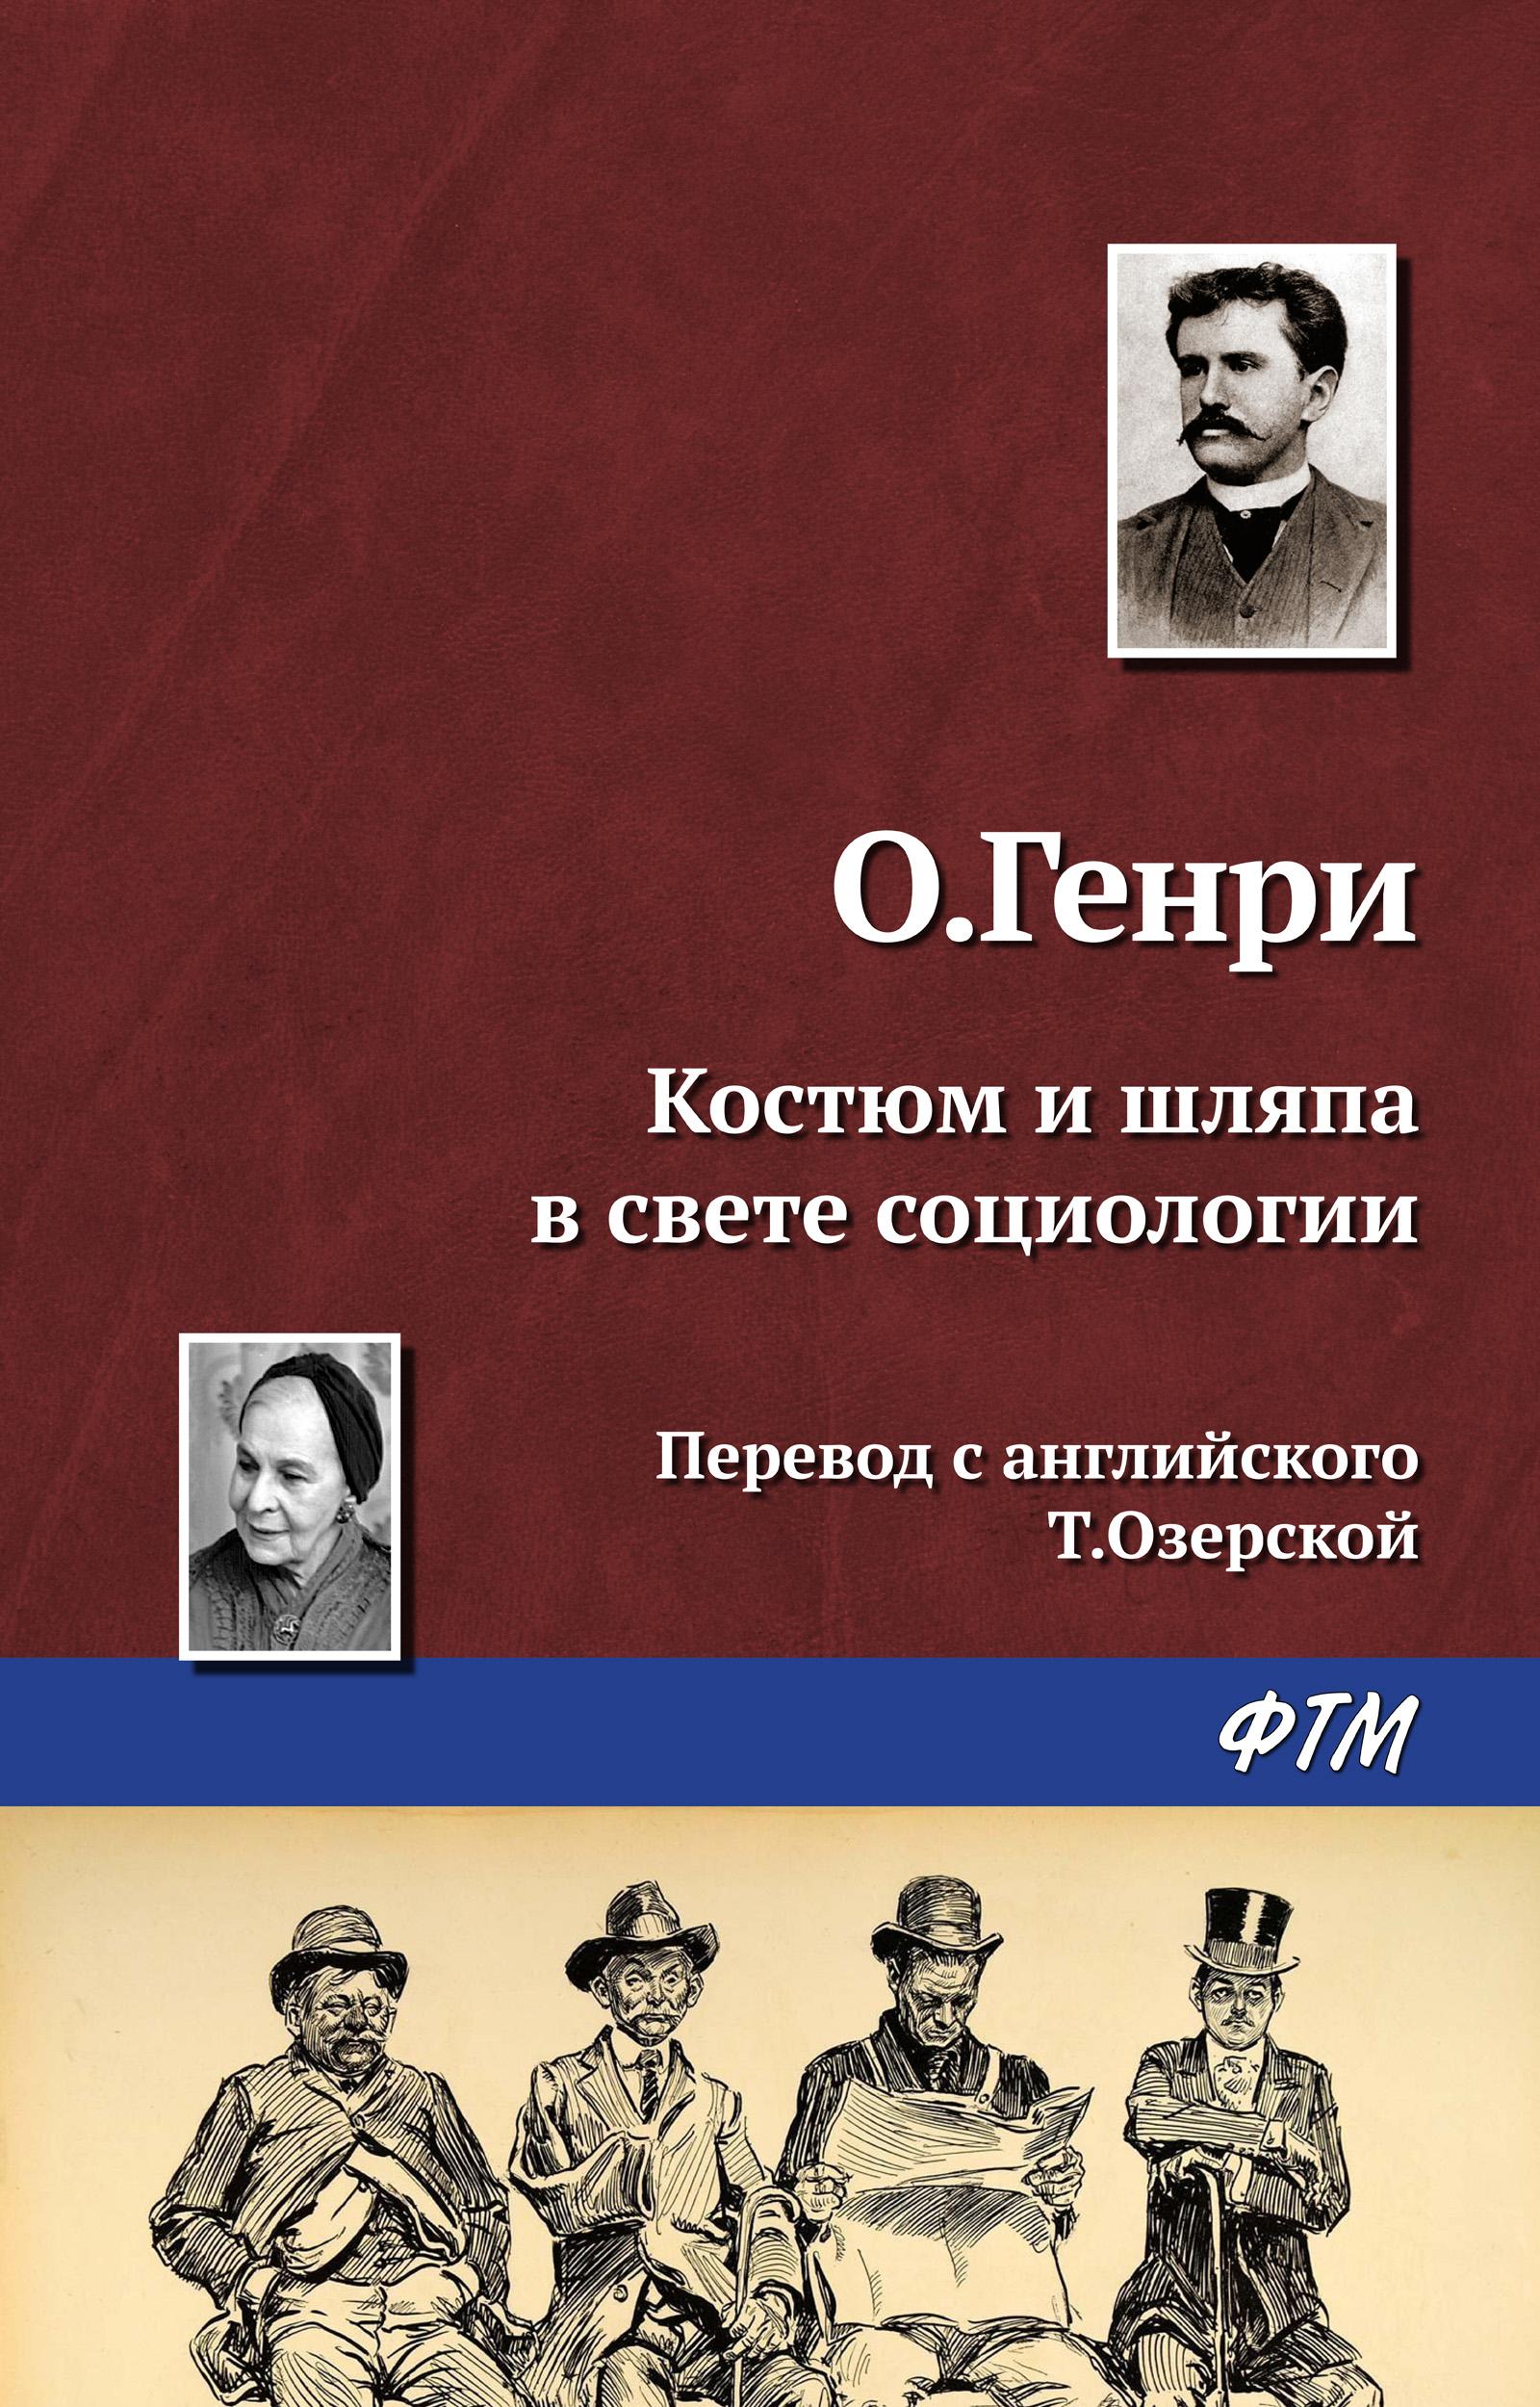 Костюм и шляпа в свете социологии